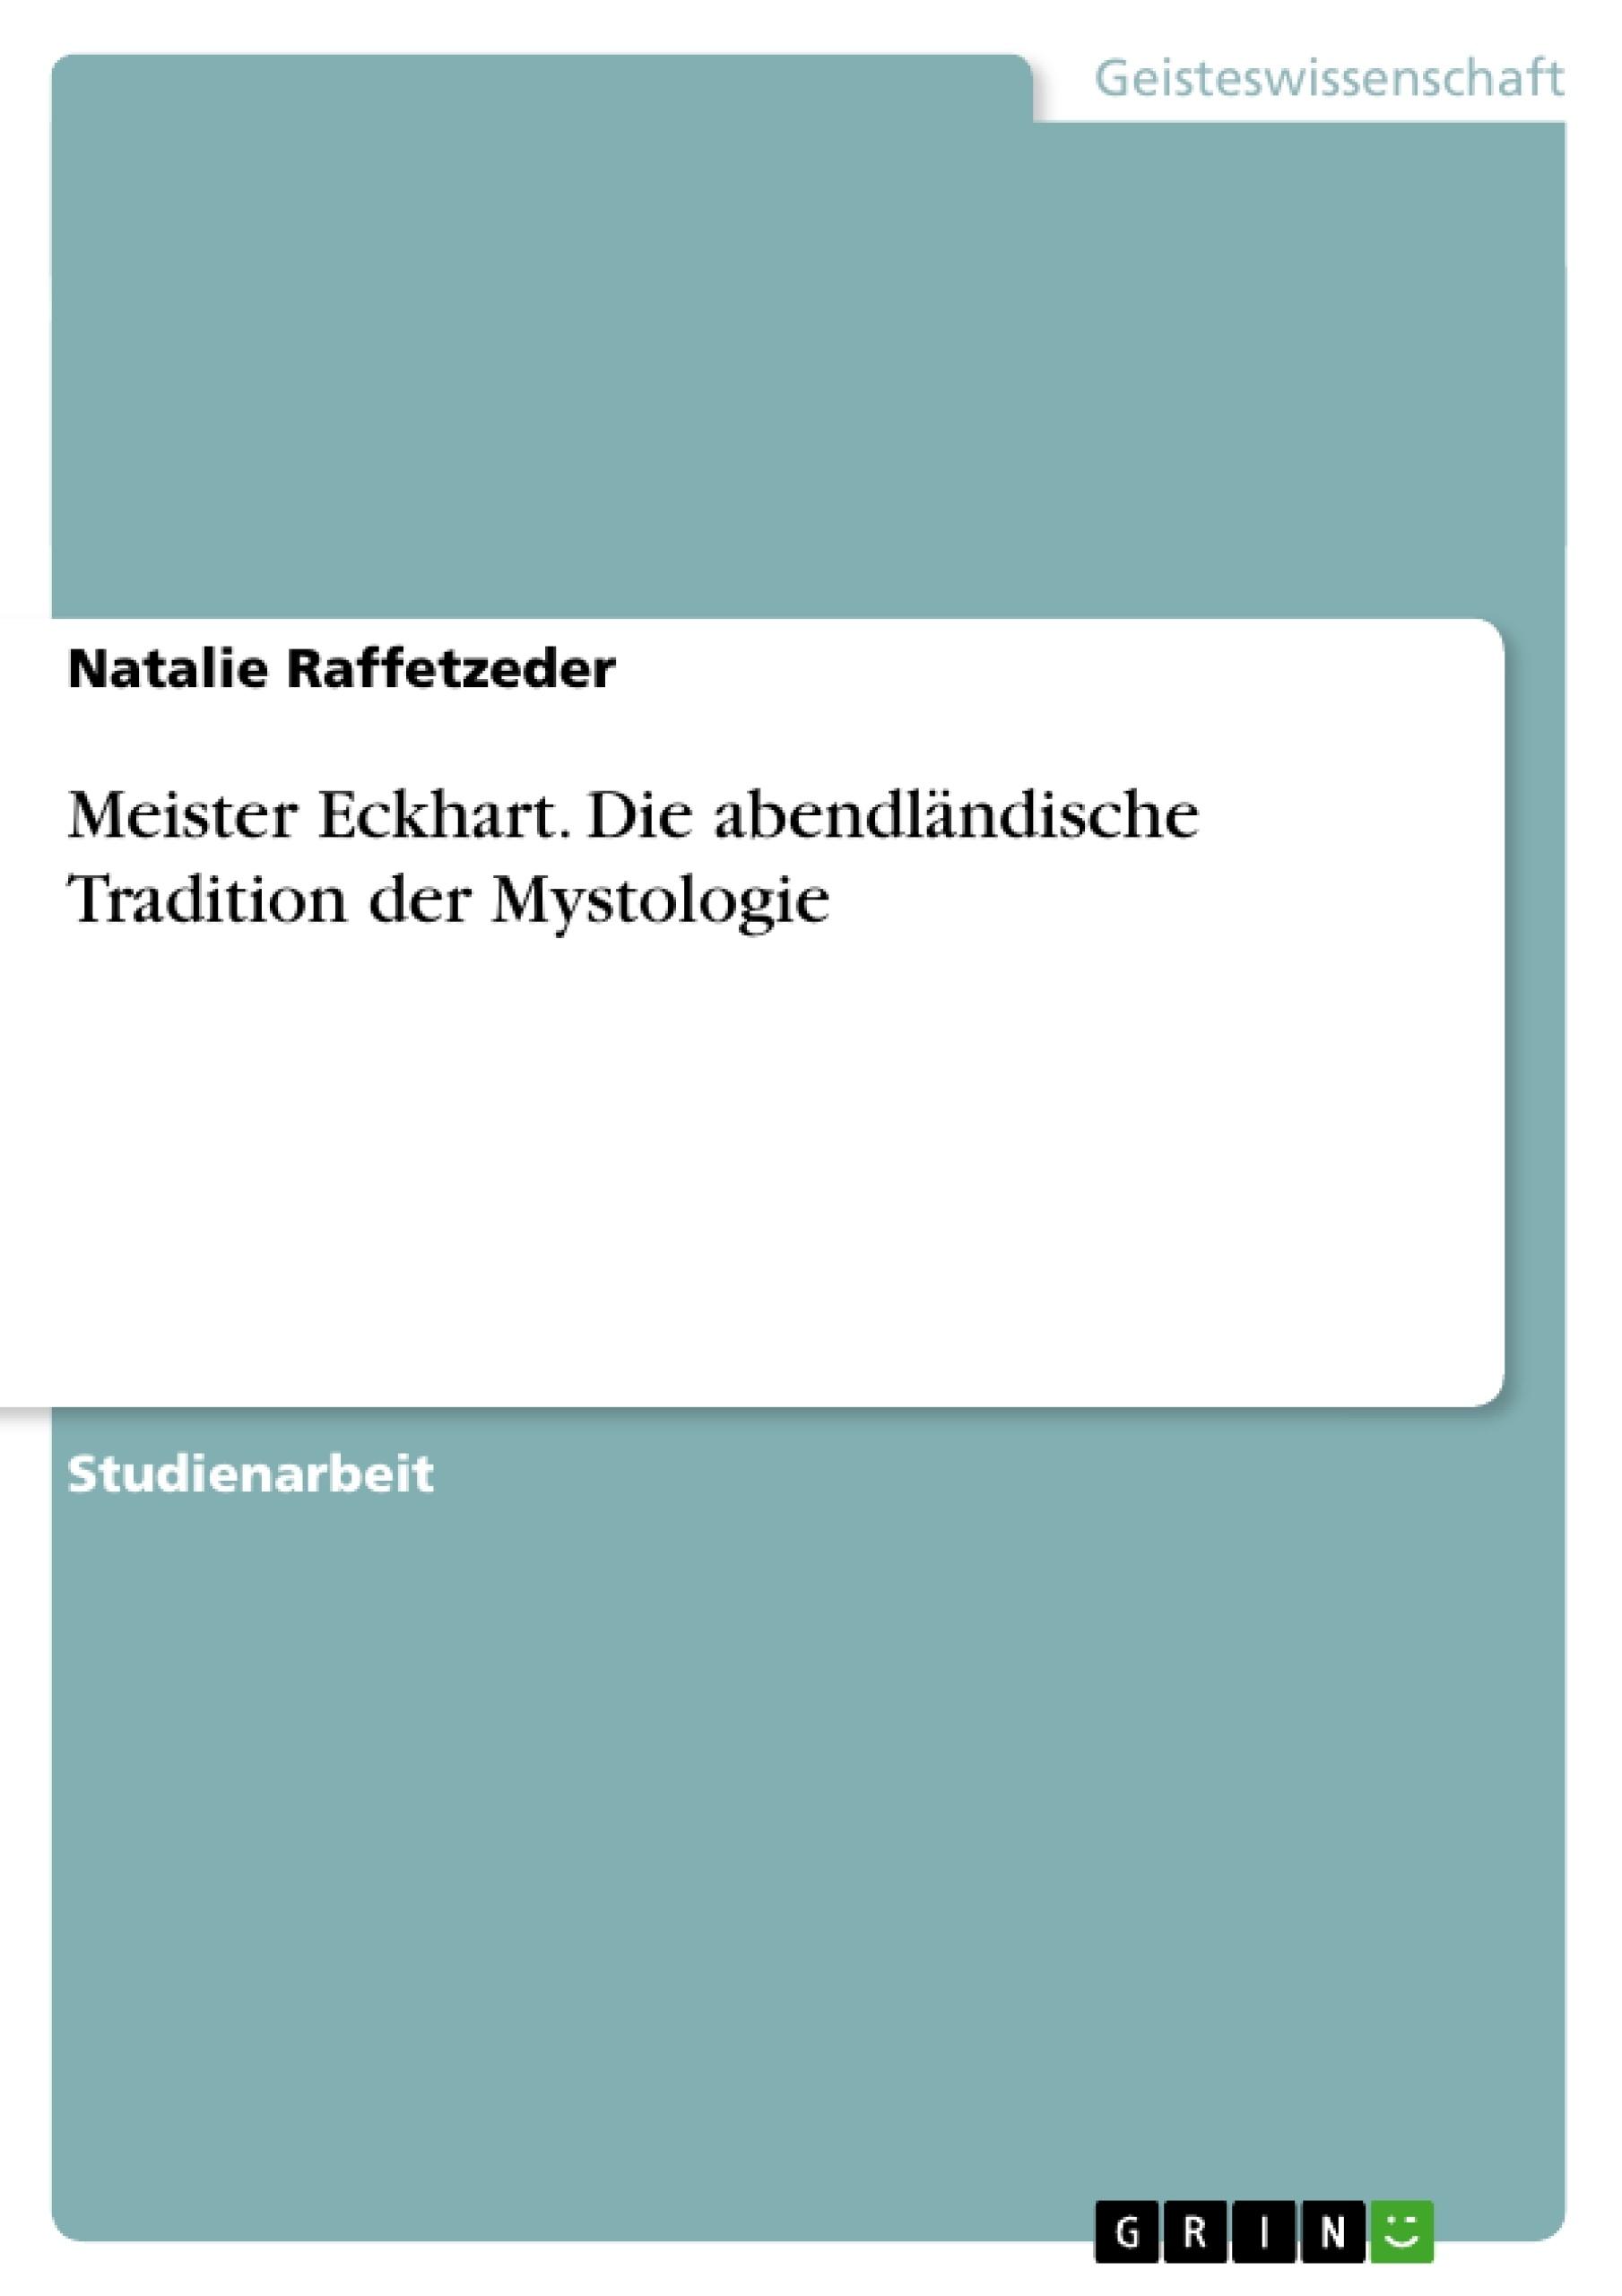 Titel: Meister Eckhart. Die abendländische Tradition der Mystologie